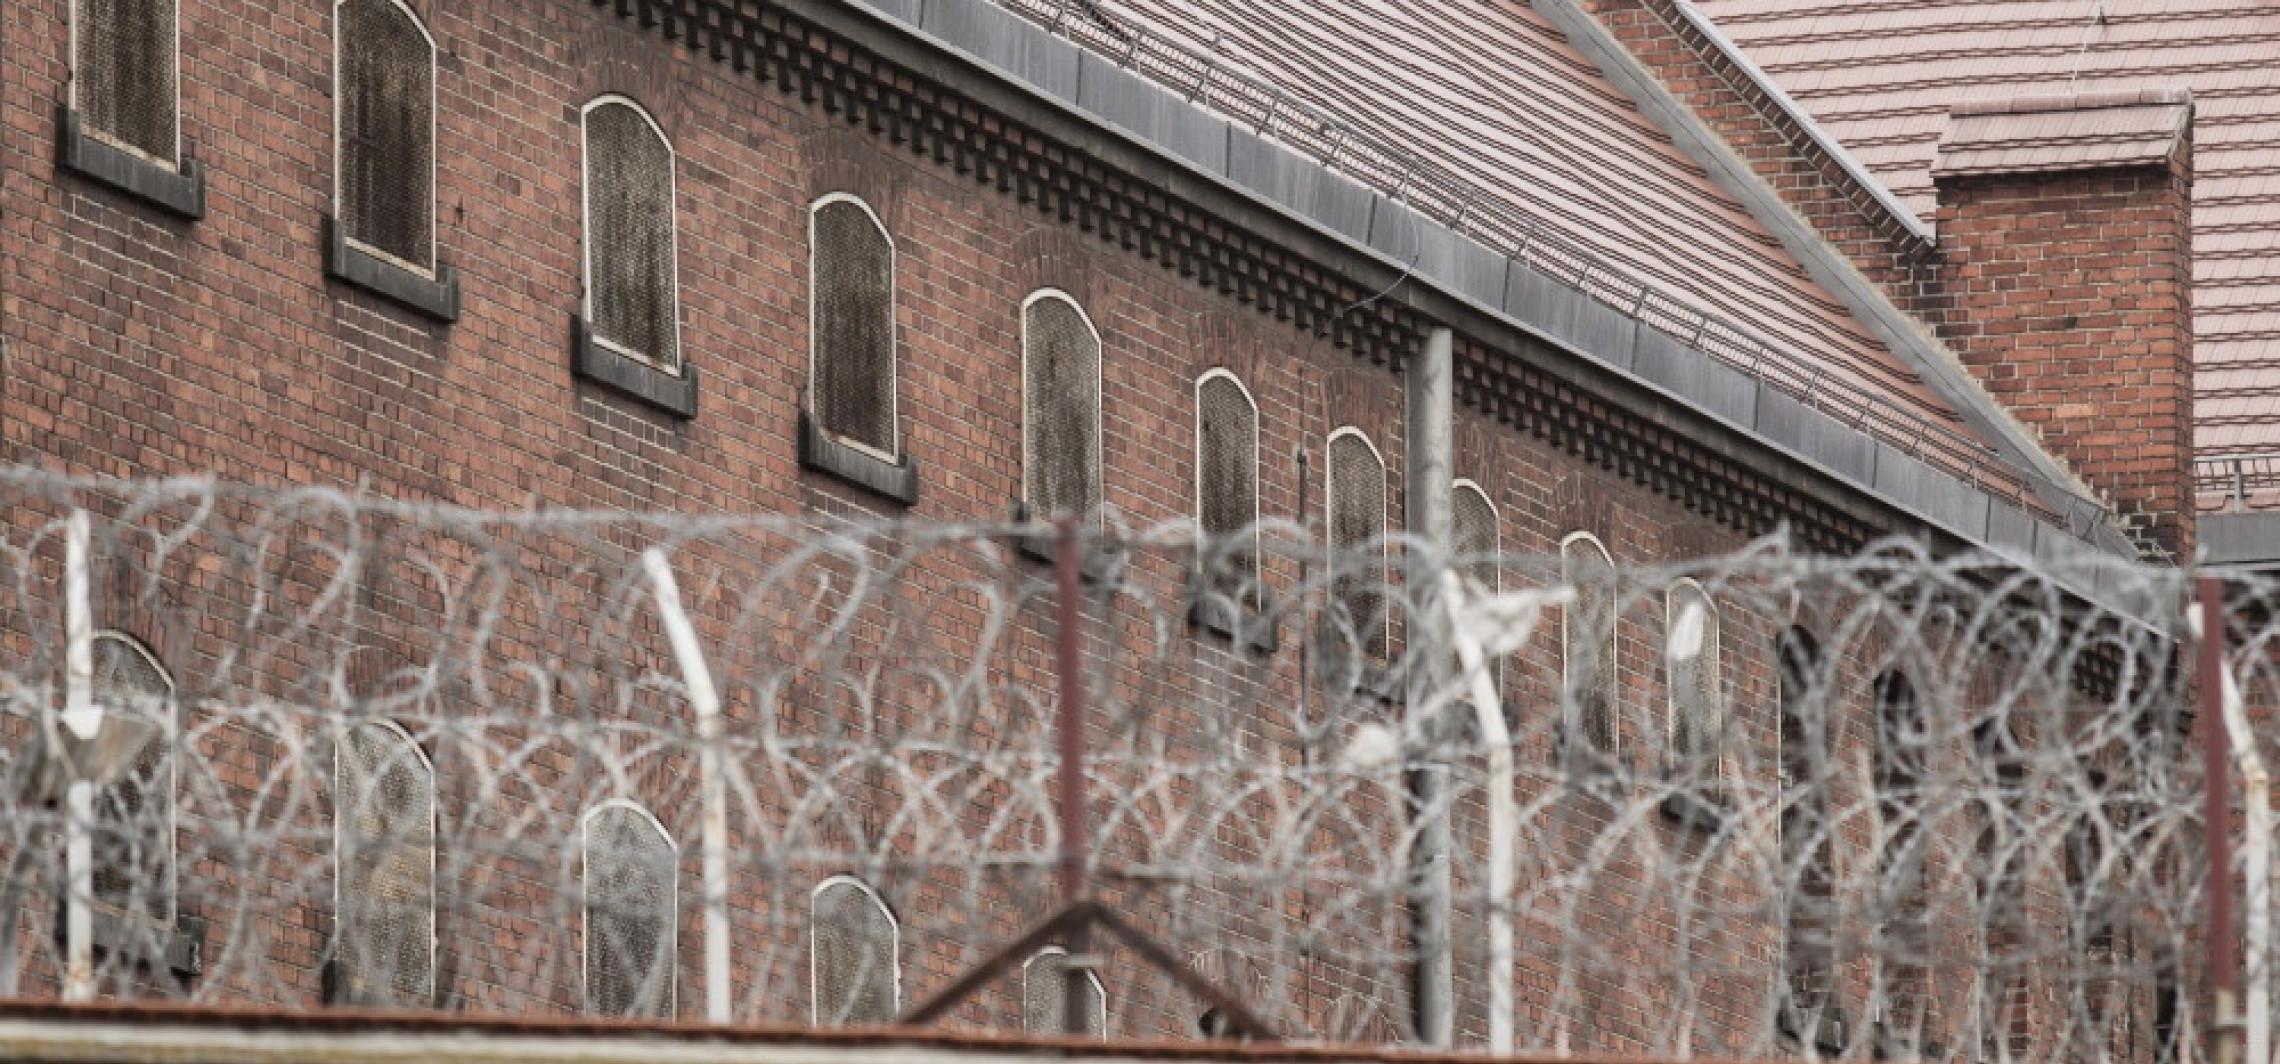 Kraj - Szczepienia przeciw COVID-19 również w zakładach karnych, aresztach i szpitalach psychiatrycznych